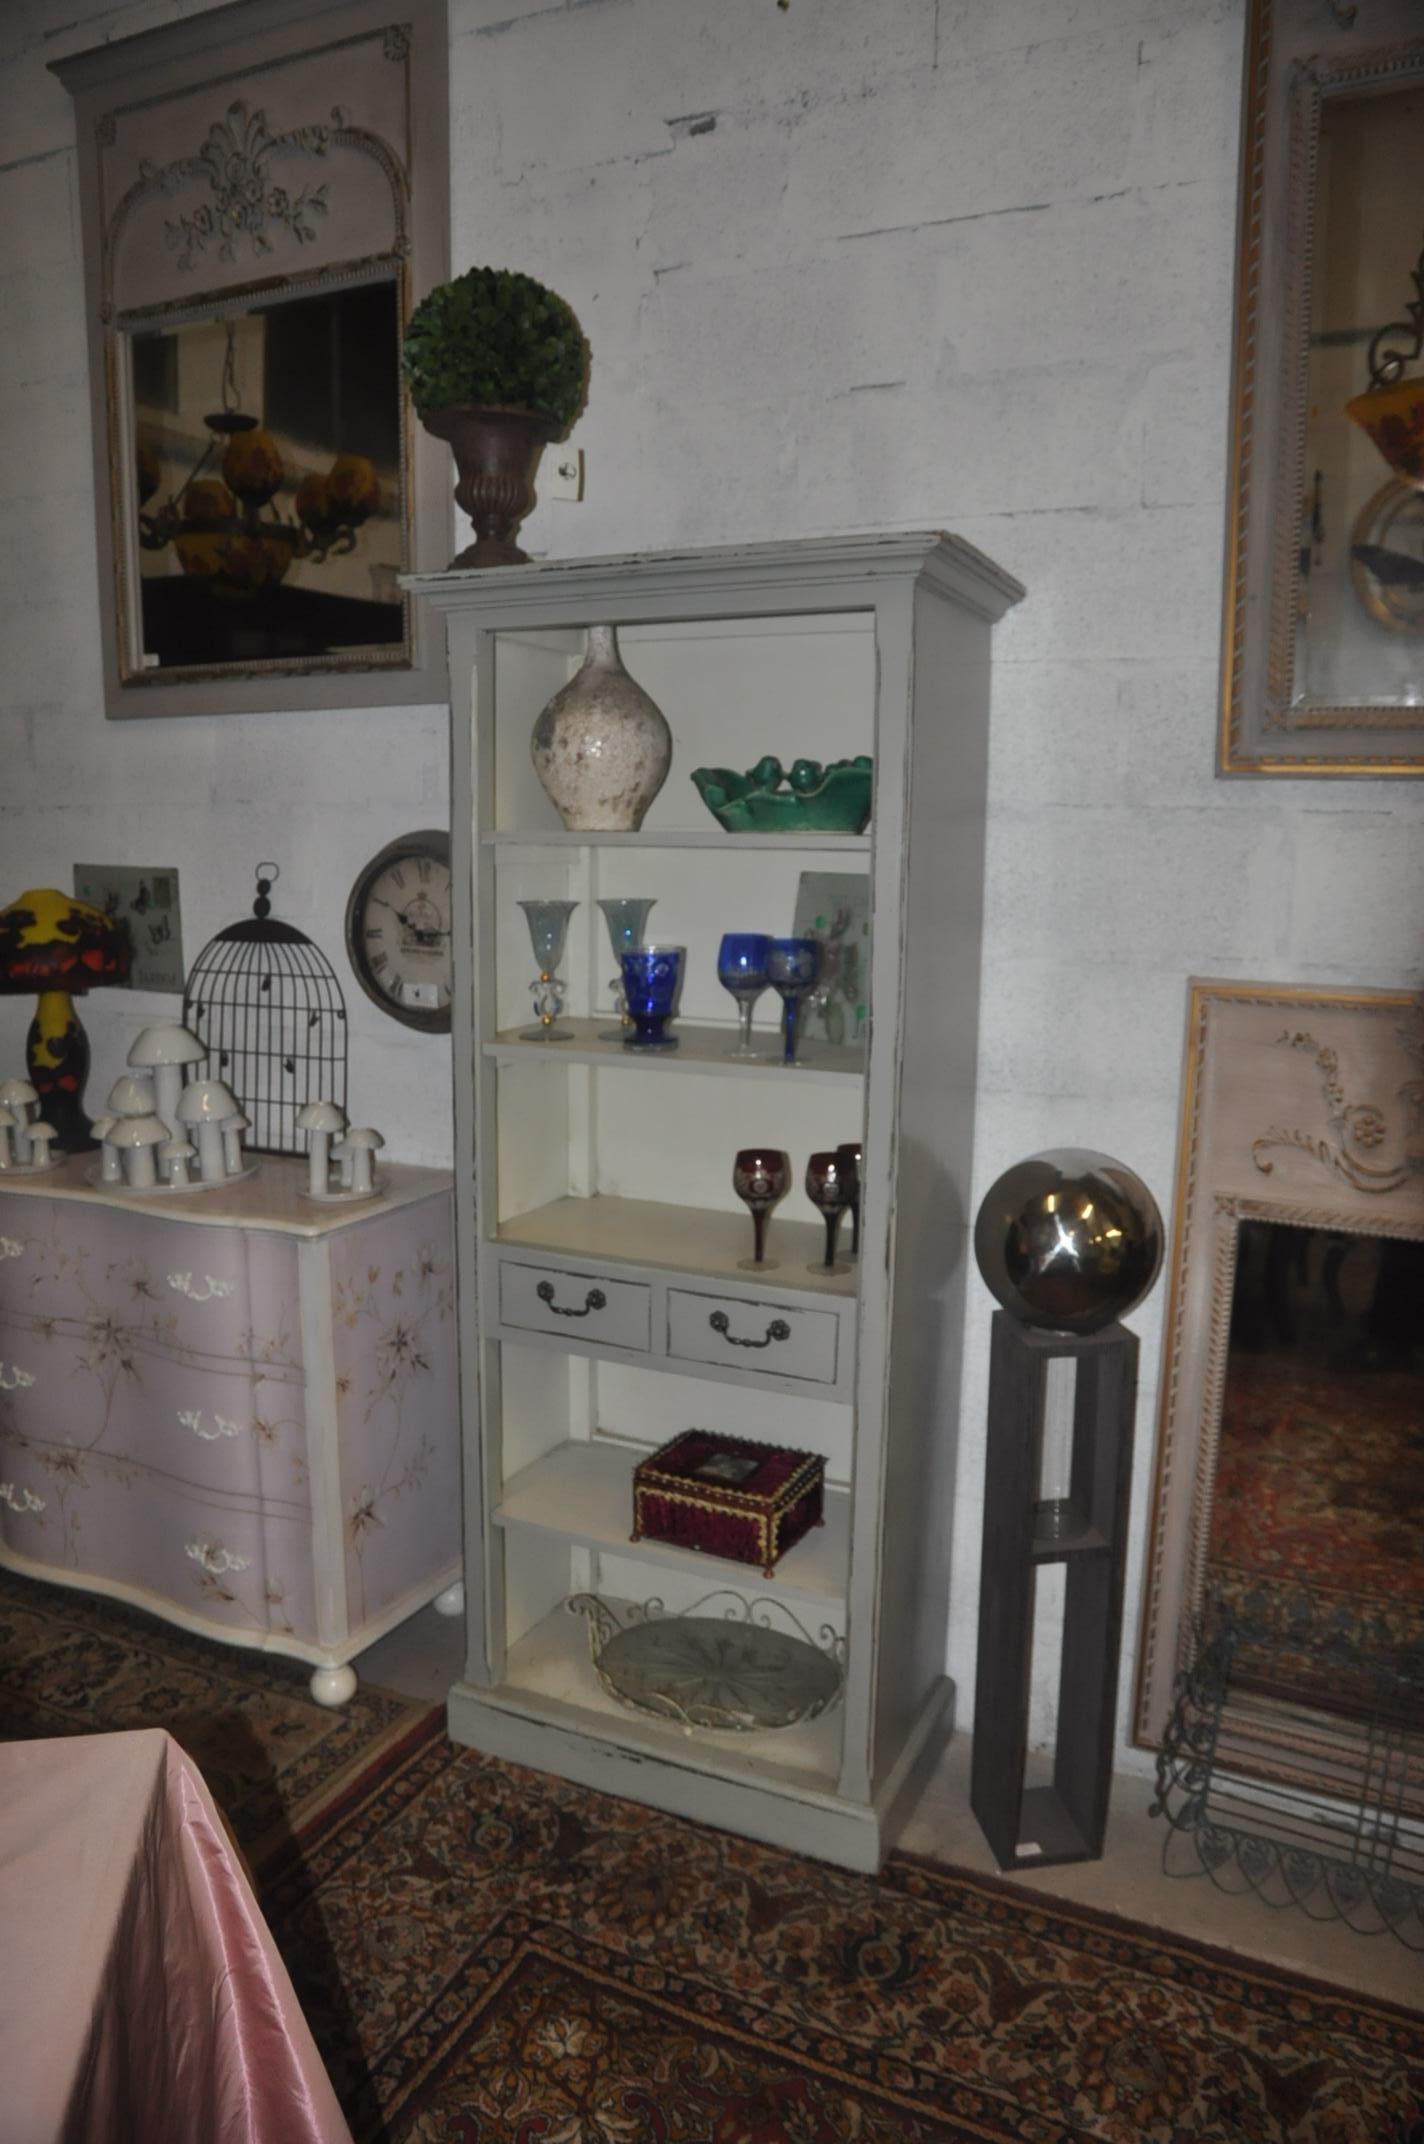 petite biblioth que patine grise int rieure blanche demeure et jardin. Black Bedroom Furniture Sets. Home Design Ideas